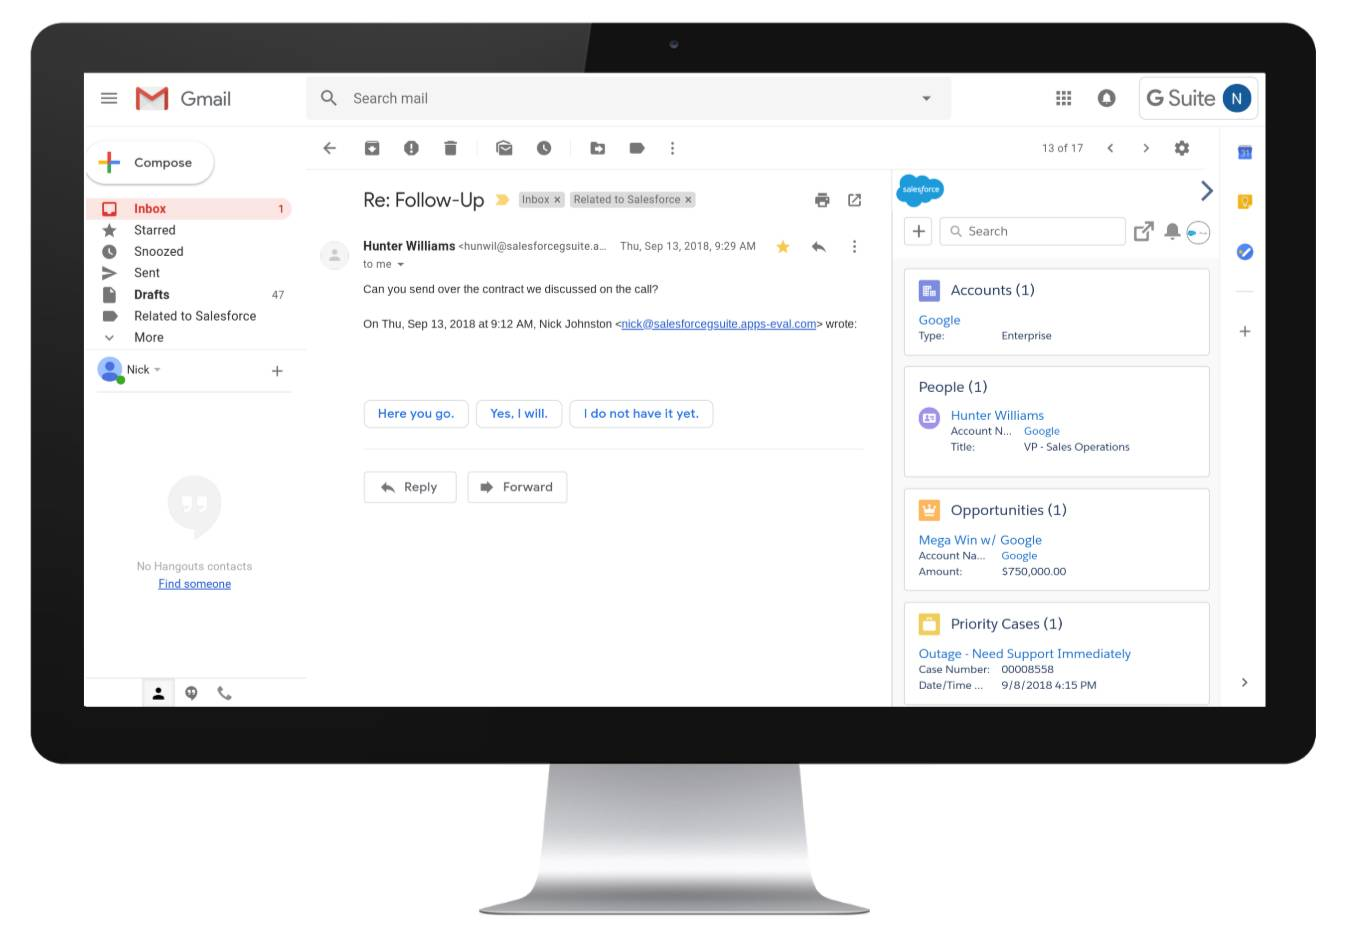 L'application Gmail avec la barre latérale Salesforce ouverte, affichant les personnes et les comptes liés à l'e-mail actuellement ouvert.